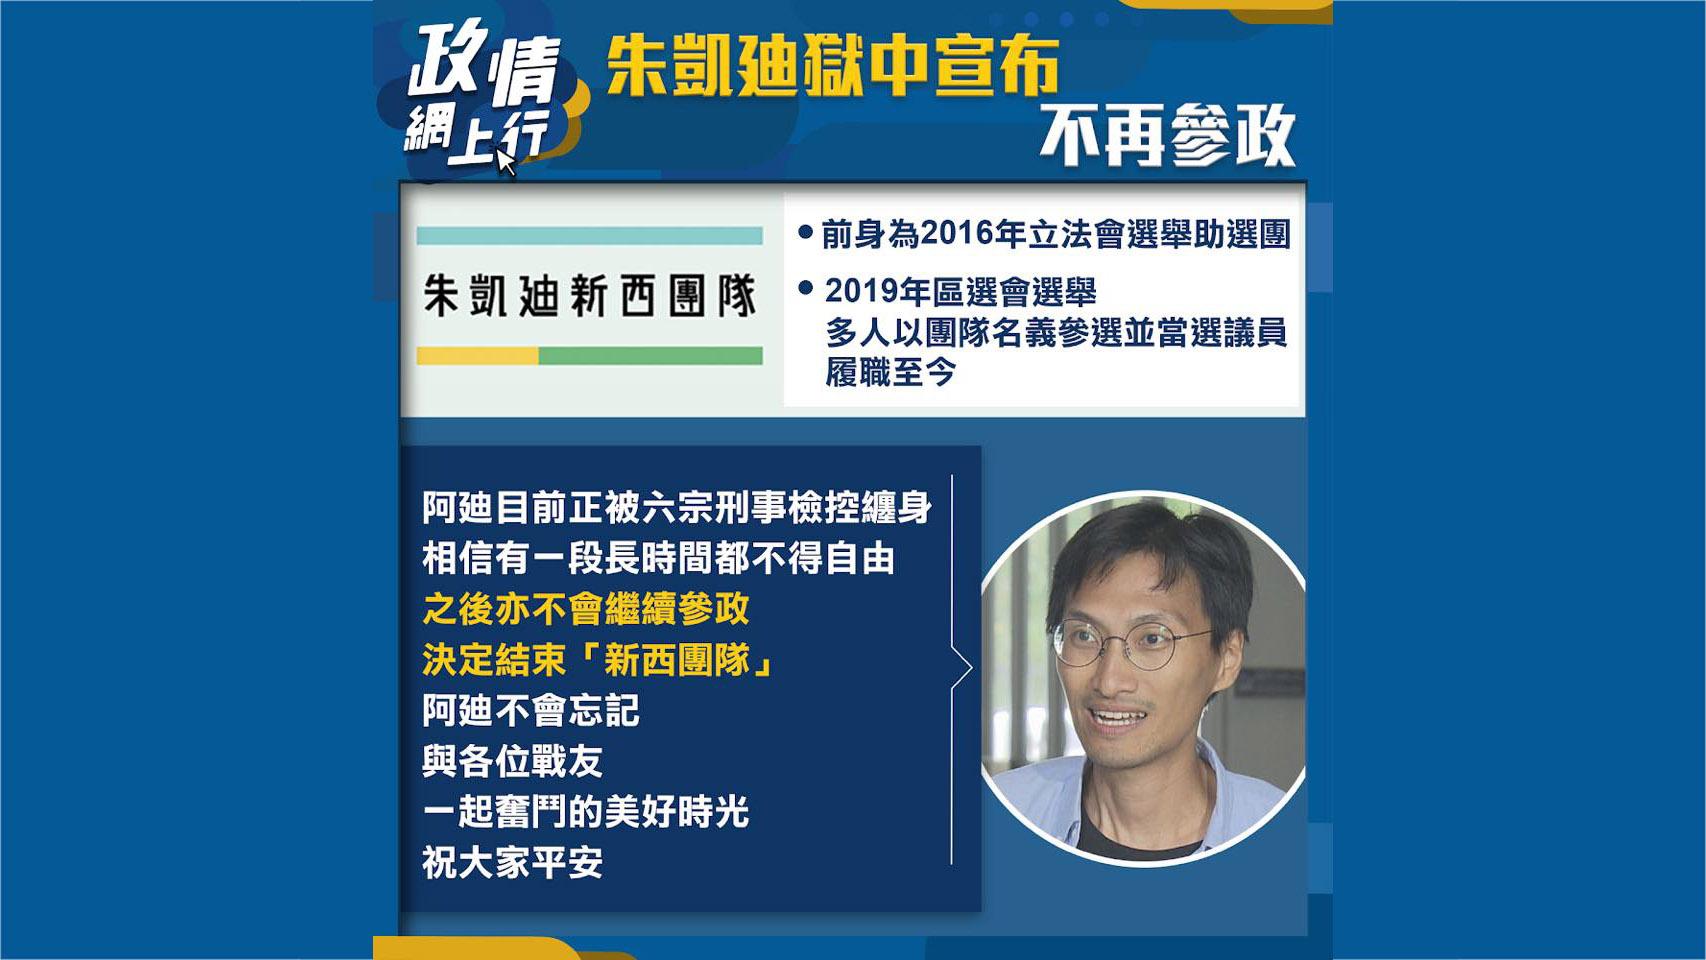 【政情網上行】朱凱廸獄中宣布不再參政